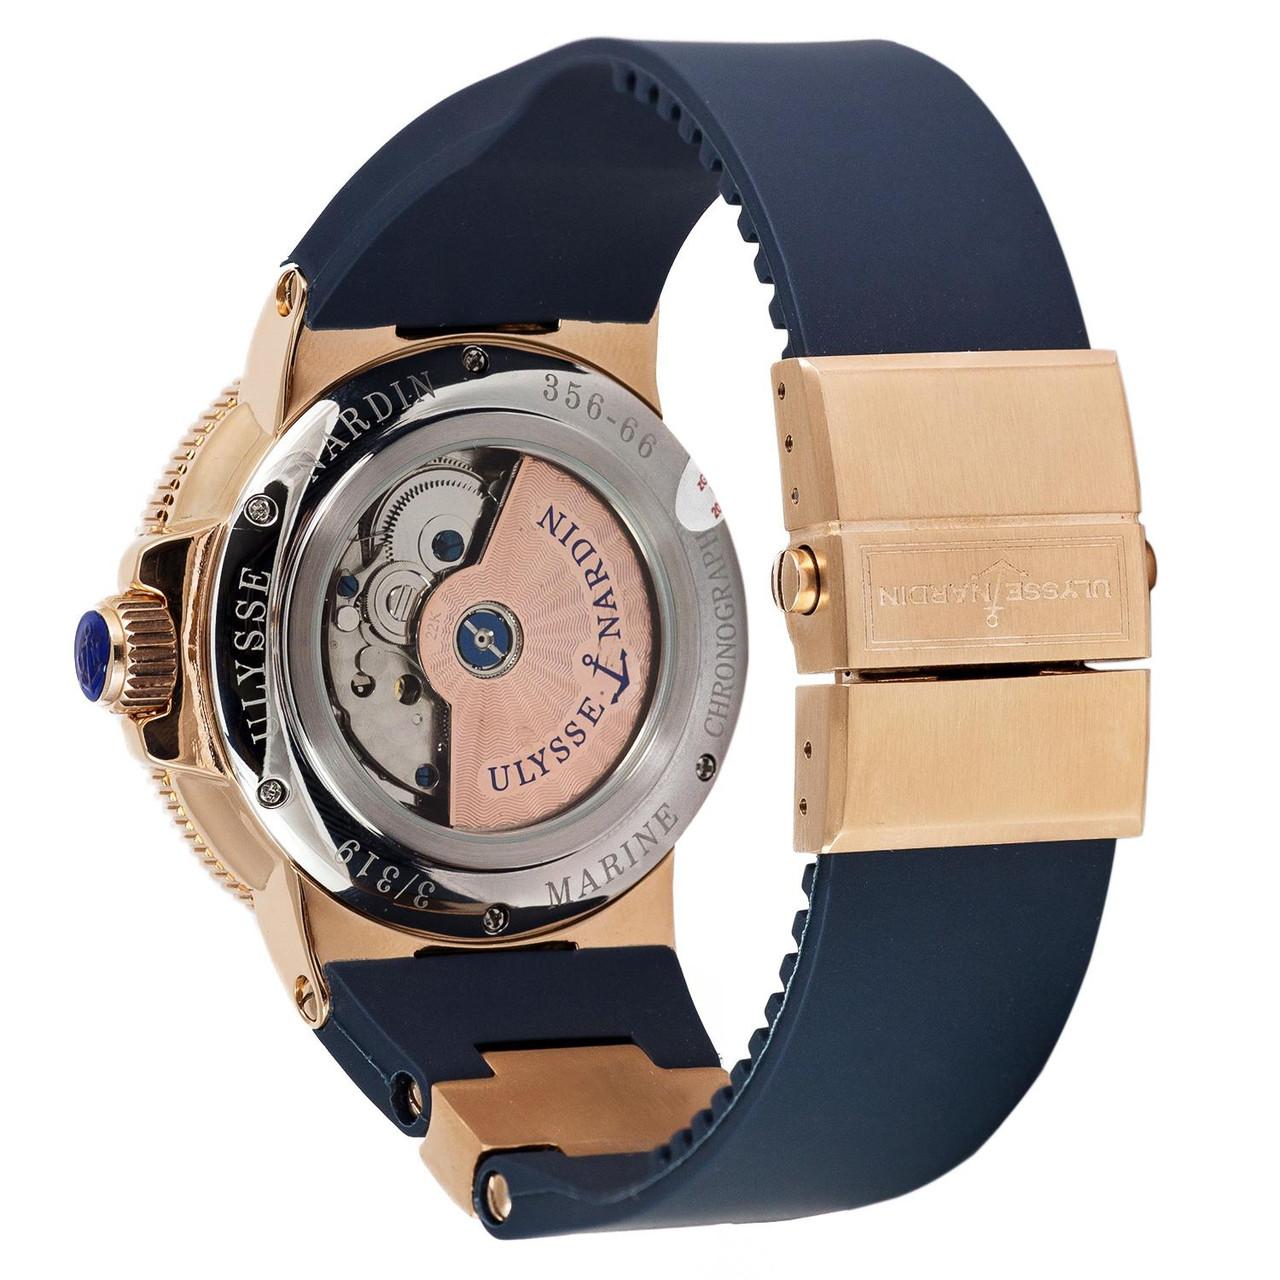 Заказать часы мужские через веб ulysse nardin 356 66